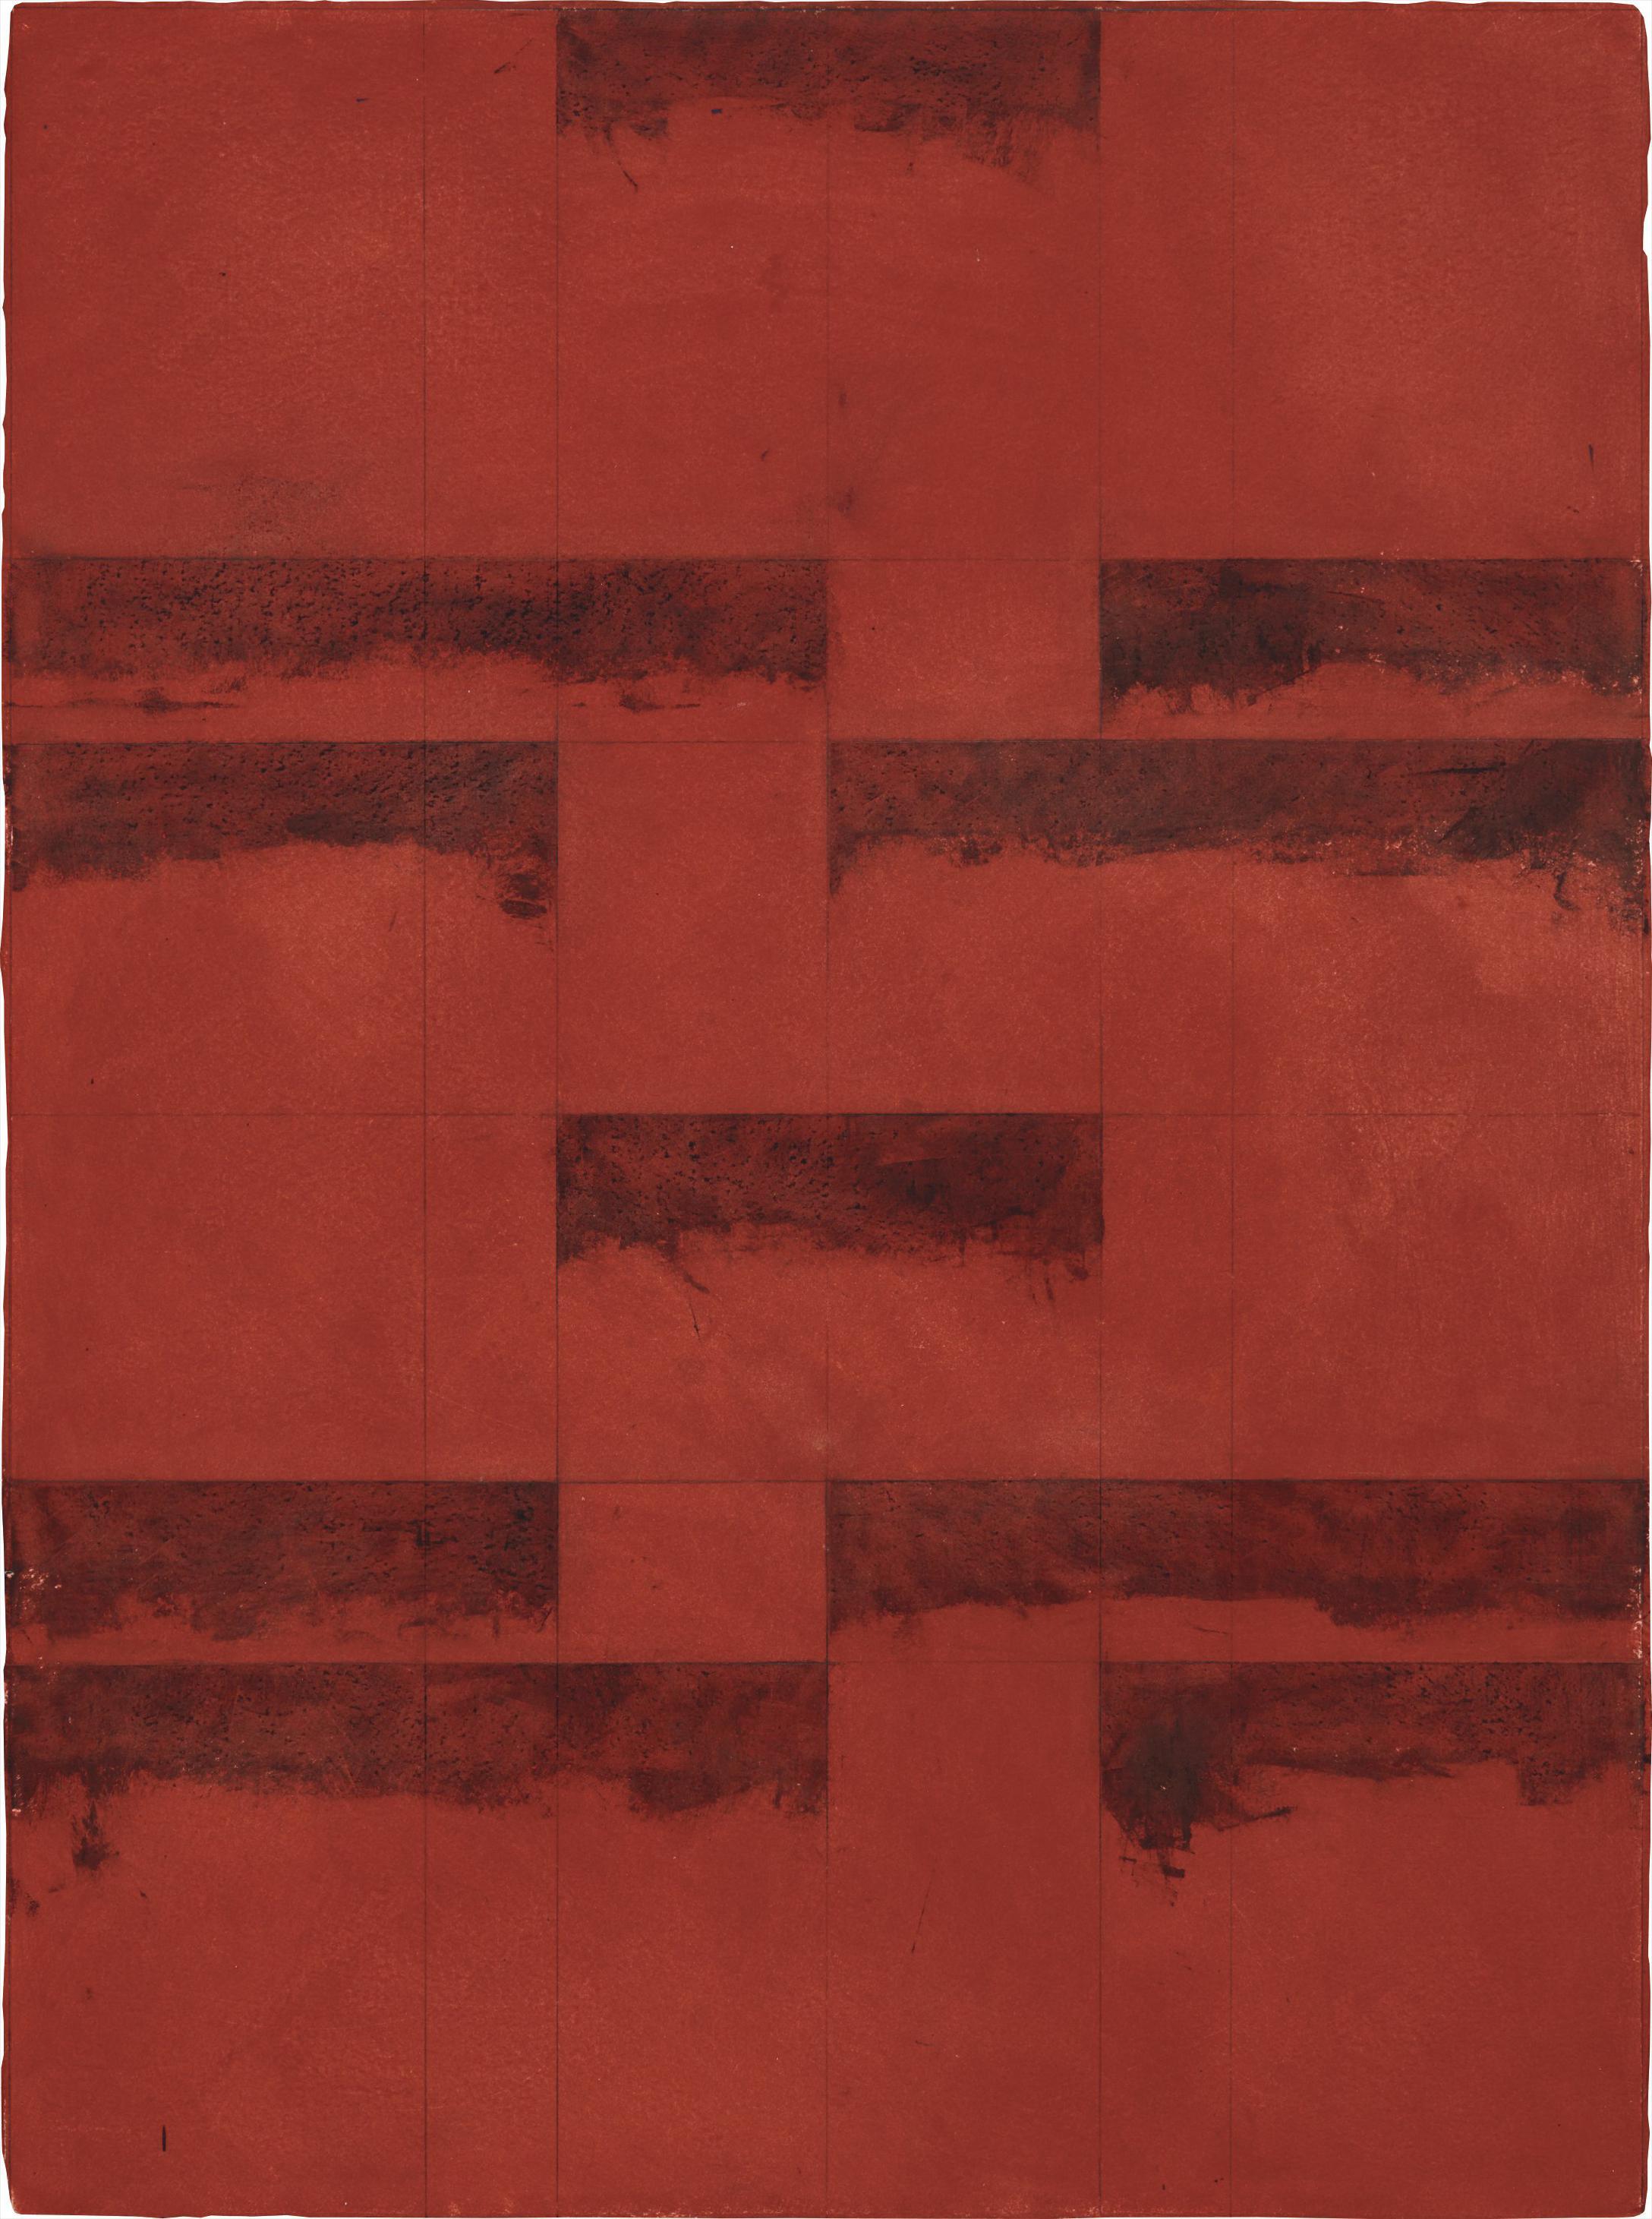 Brice Marden-Untitled (#4)-1985